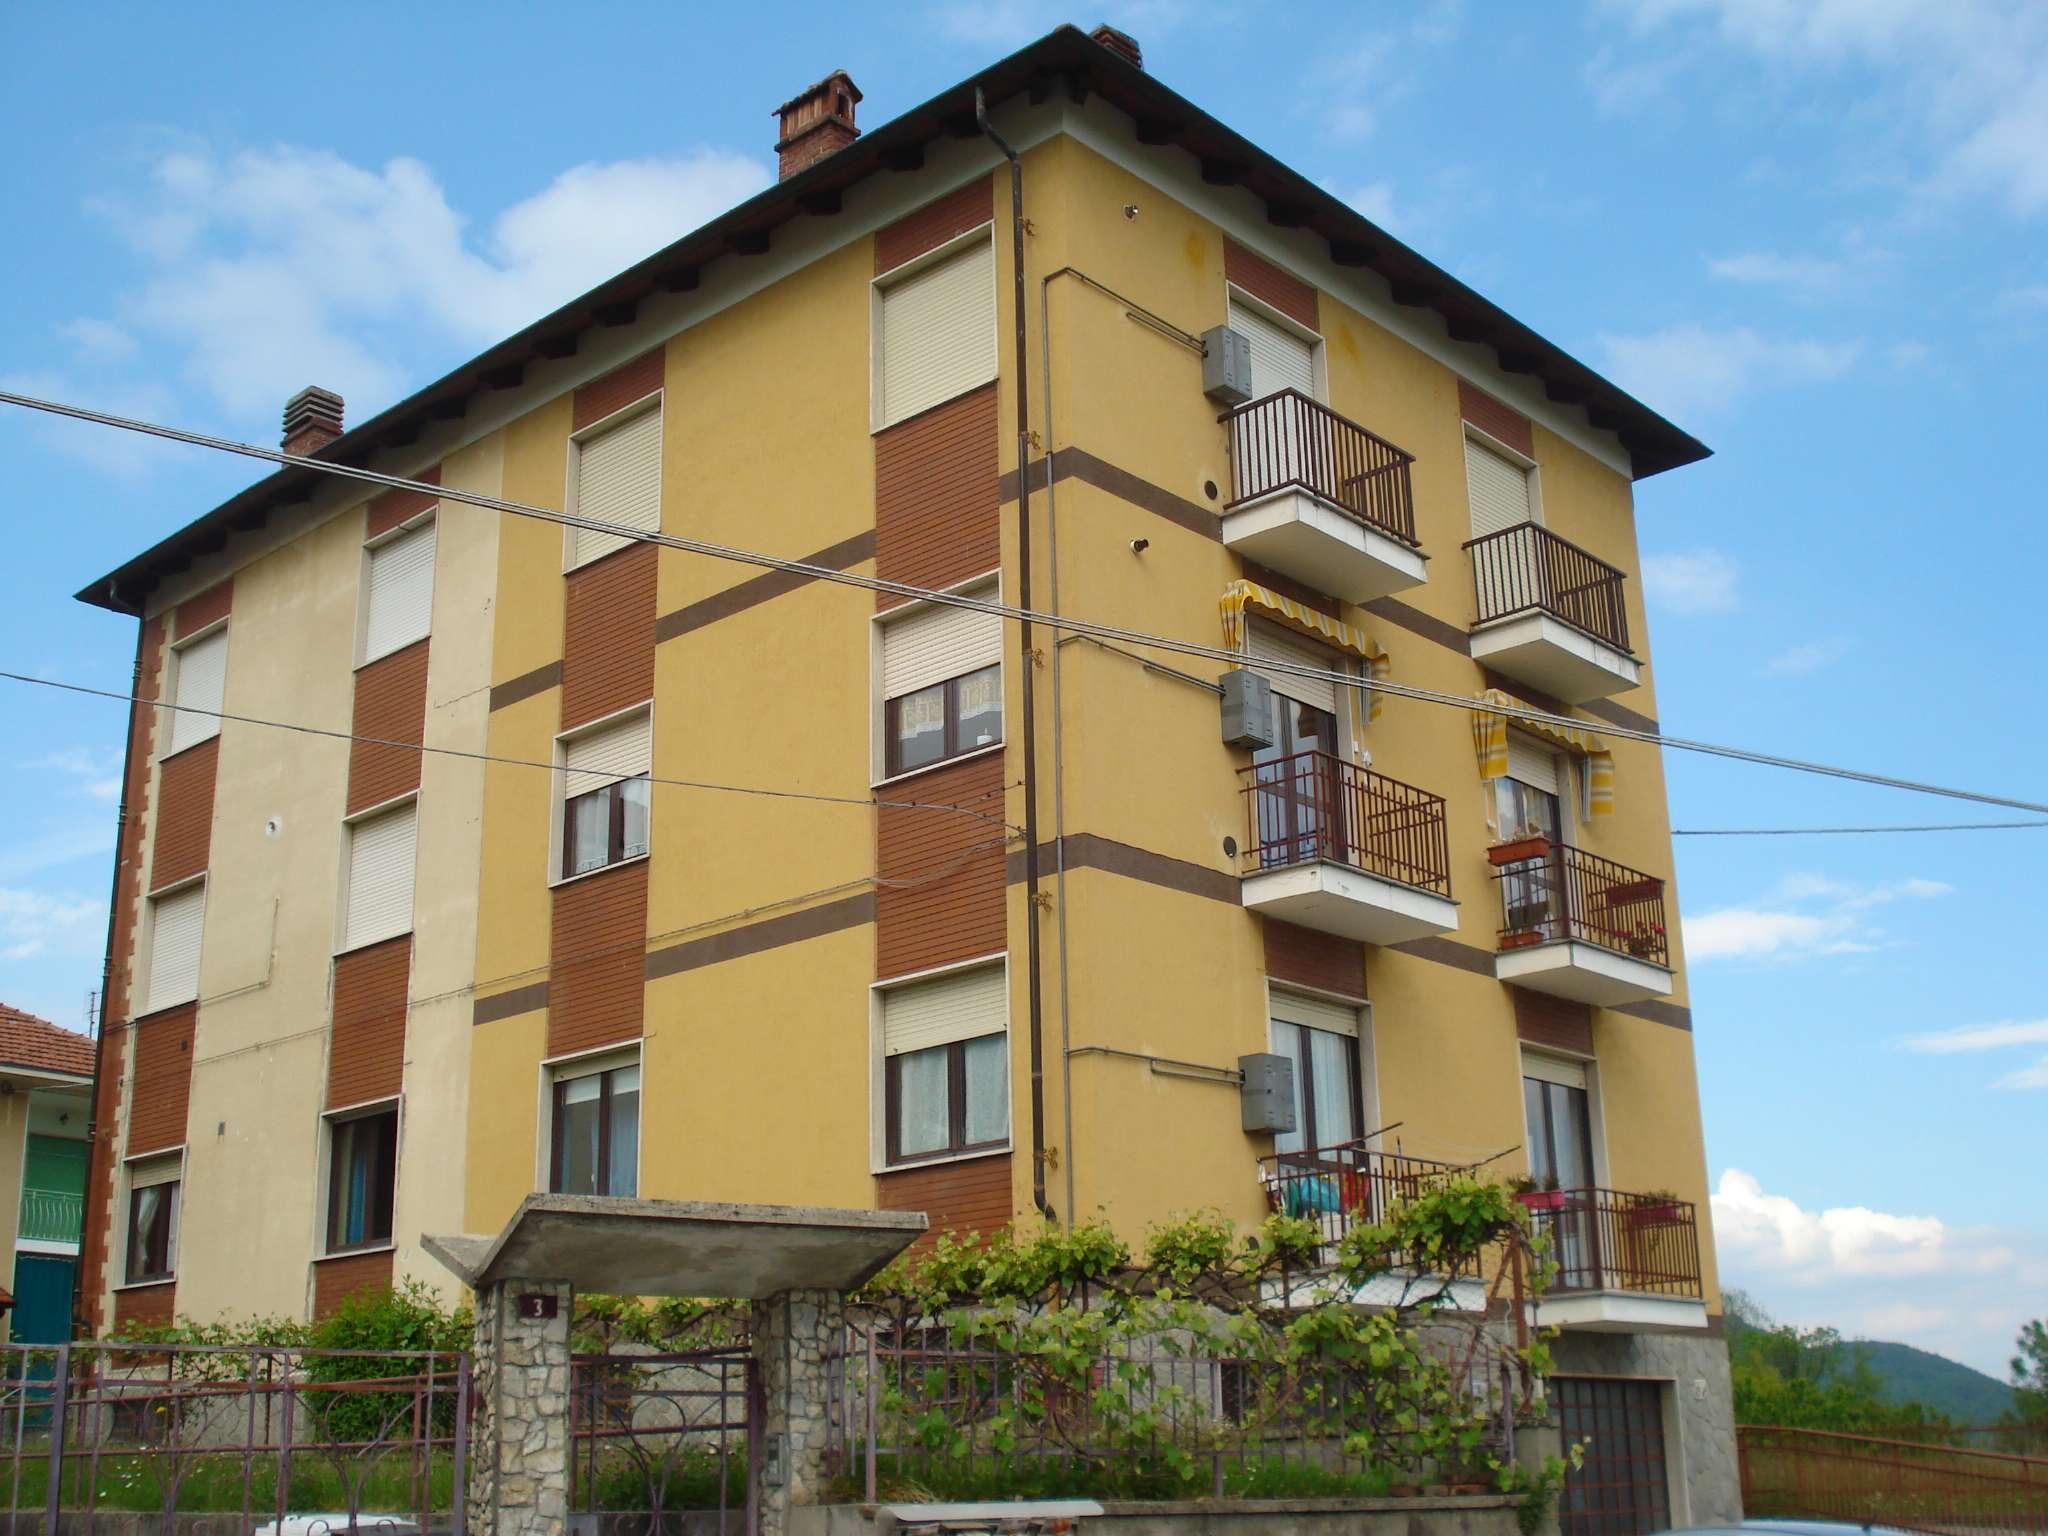 Appartamento in vendita a Coazze, 3 locali, prezzo € 79.500 | PortaleAgenzieImmobiliari.it